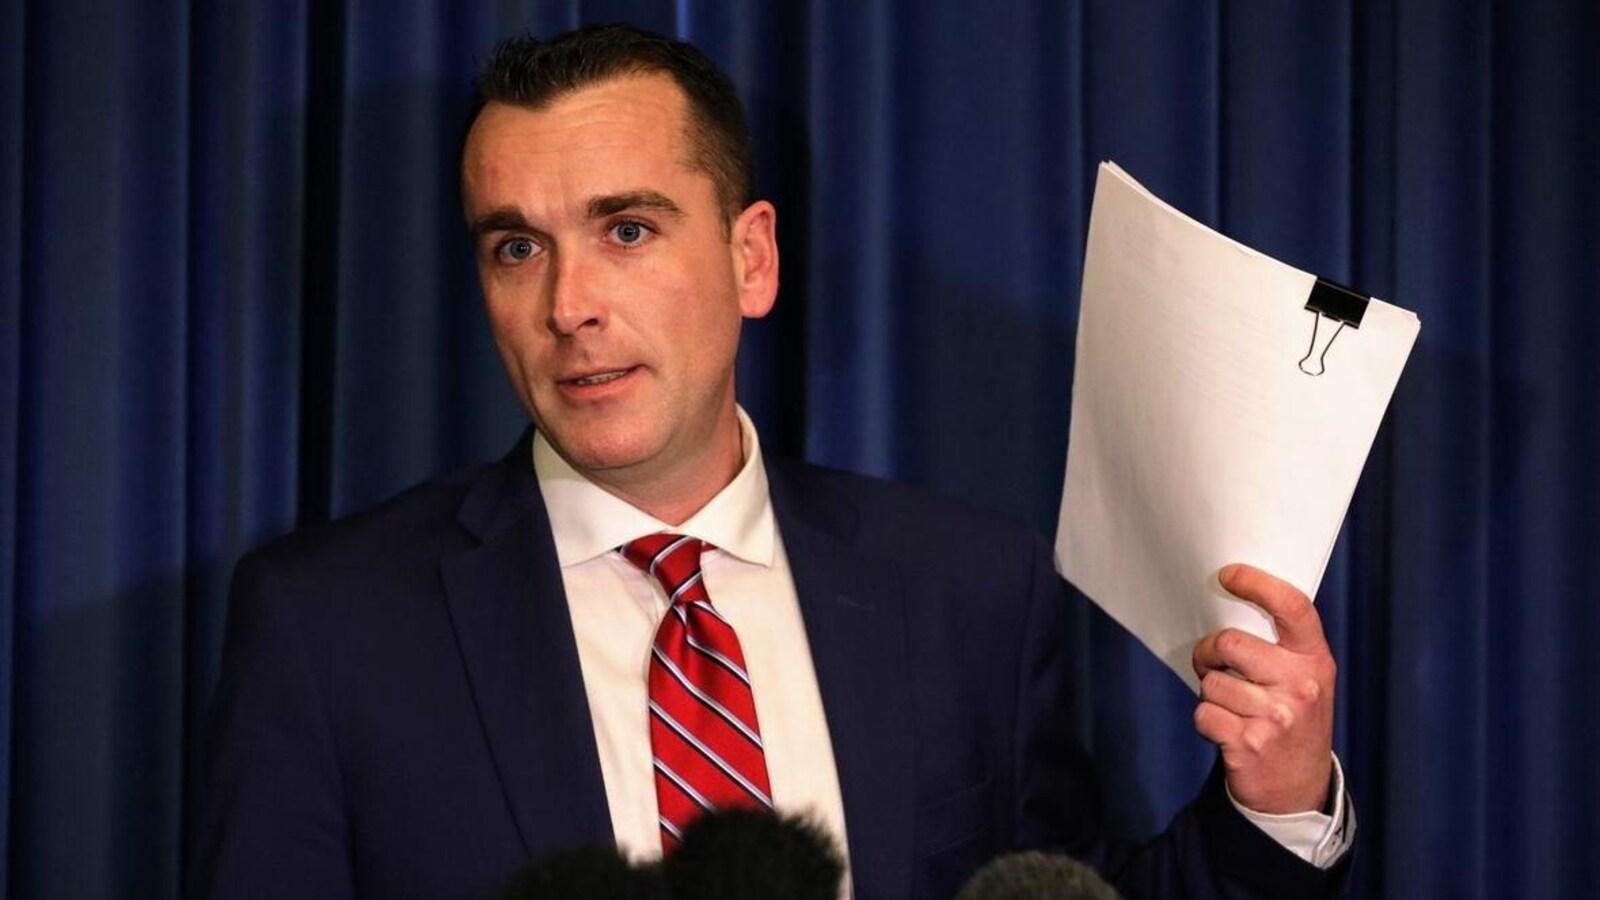 Alan Mullen est en costume cravate avec dans sa main gauche une copie du rapport.